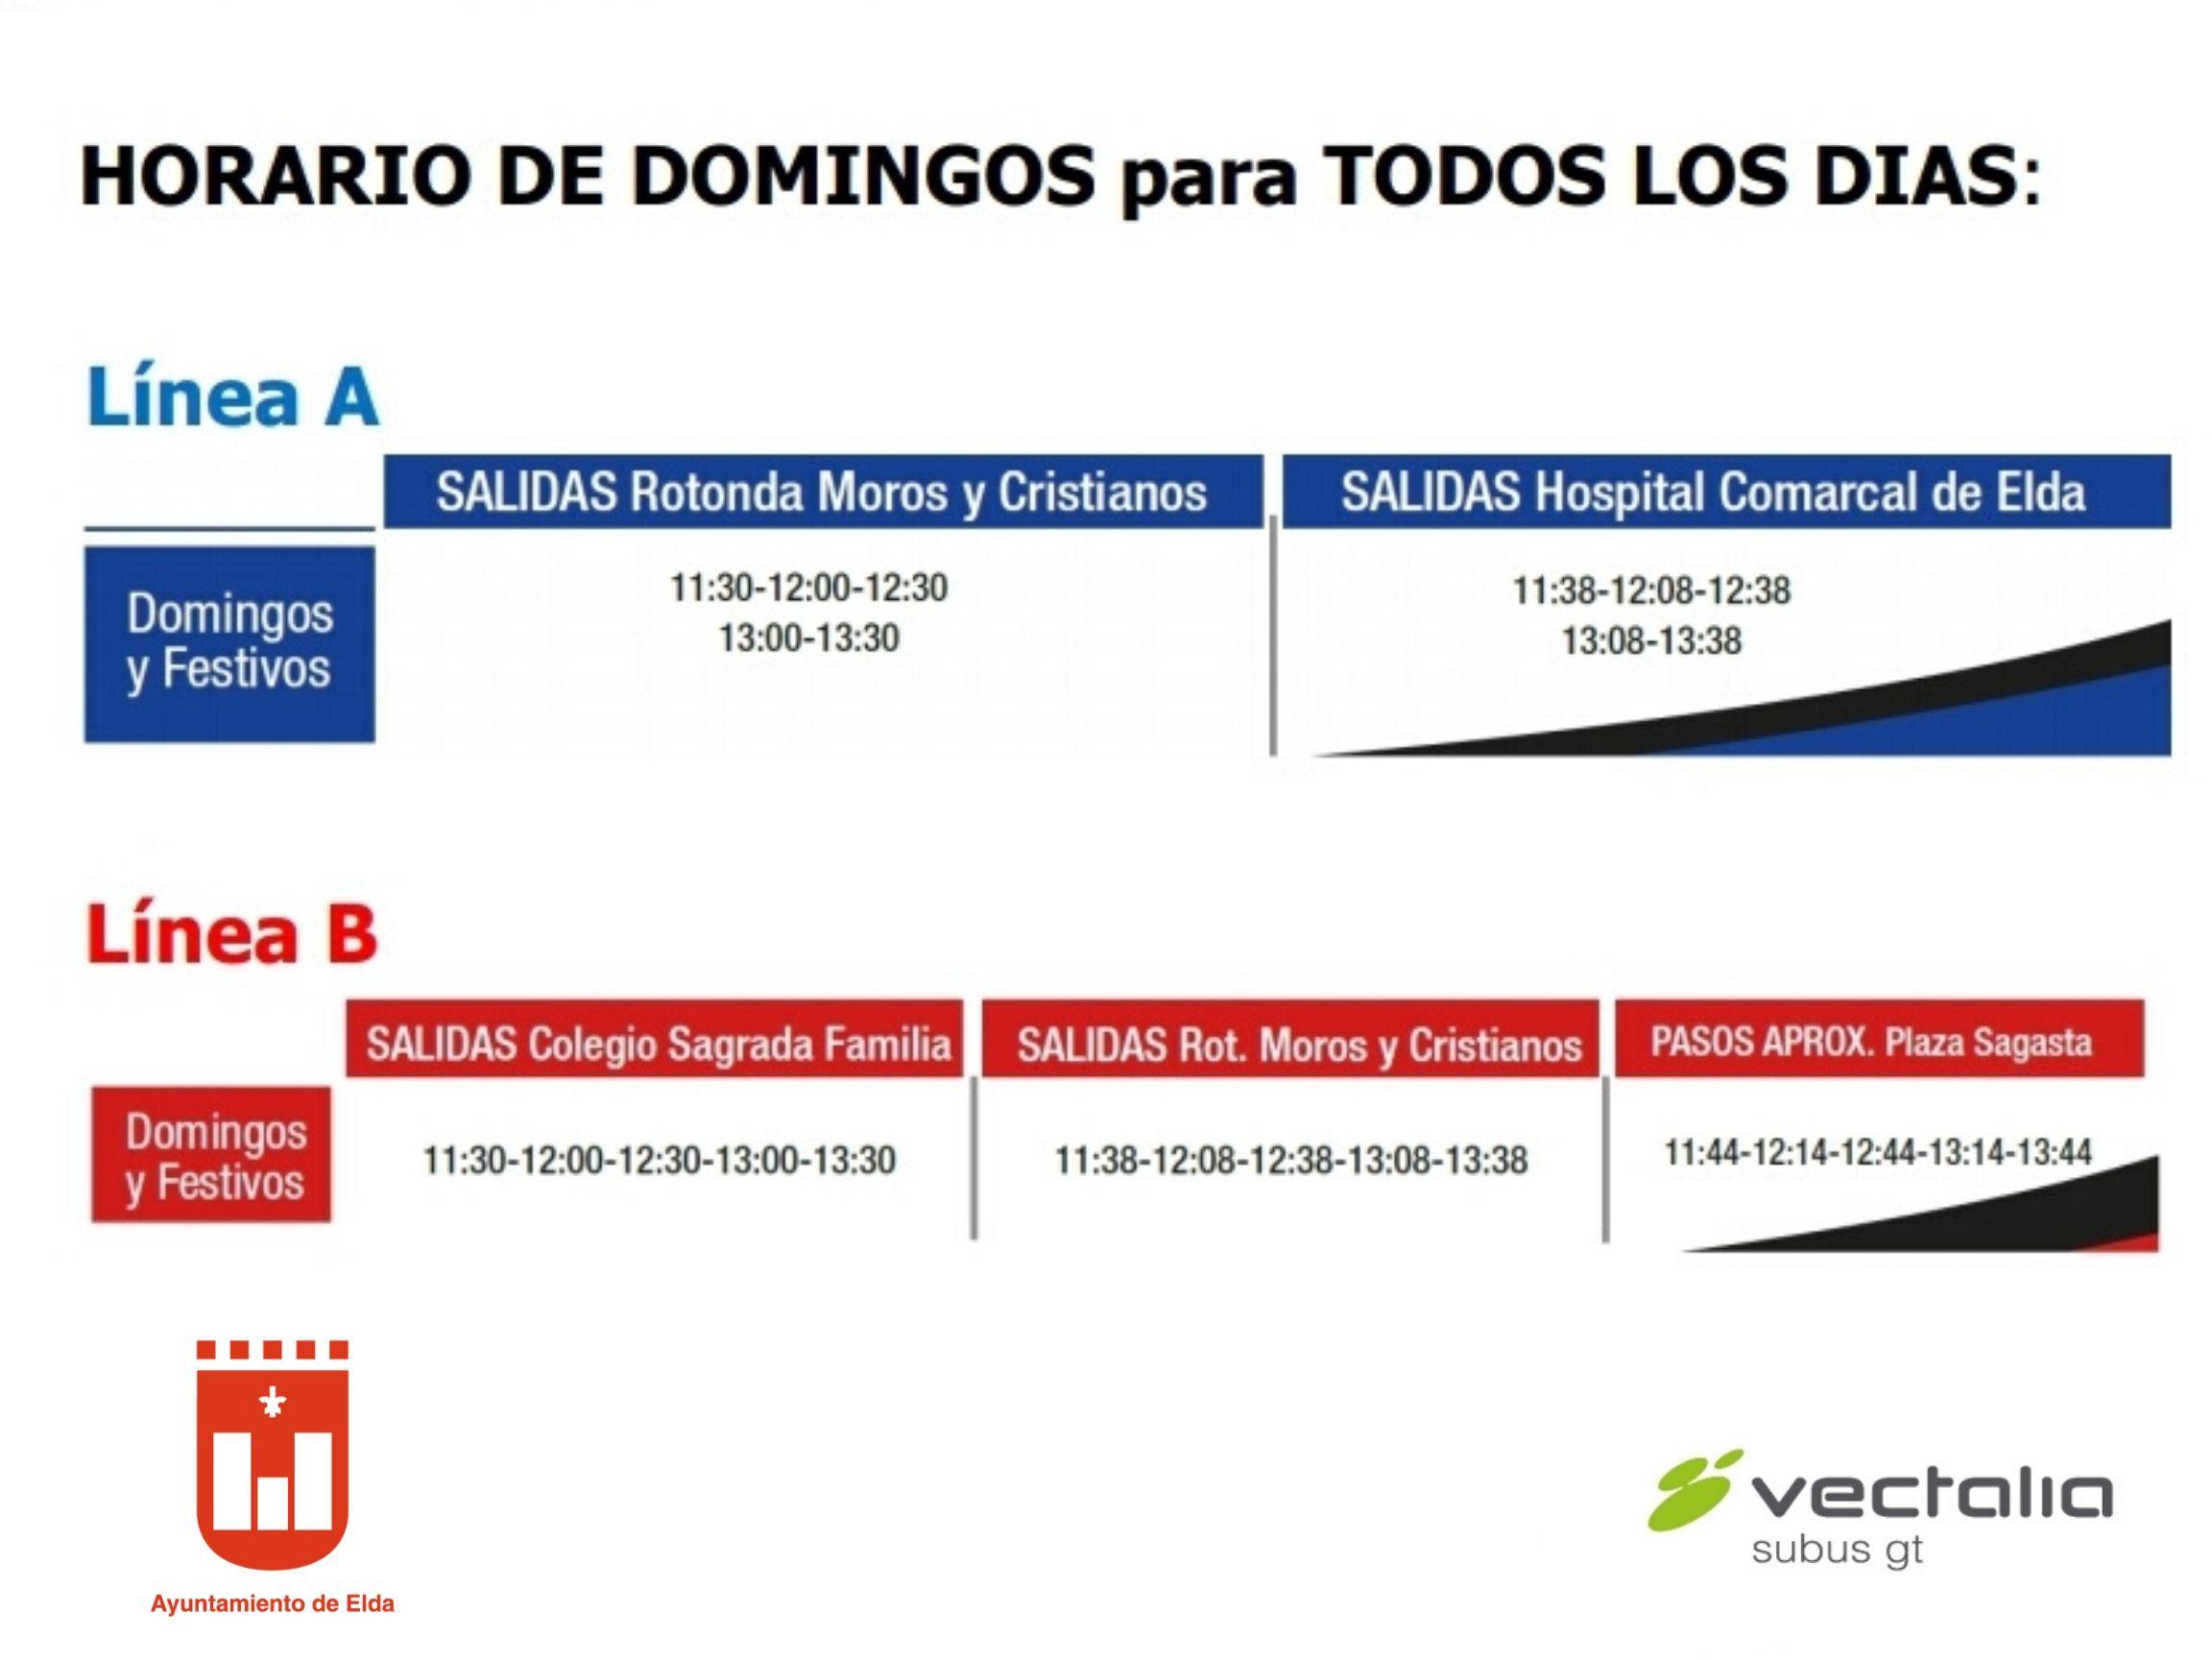 El Ayuntamiento de Elda y Vectalia adaptan los horarios de las líneas A y B de transporte urbano en cumplimiento del Decreto del Gobierno